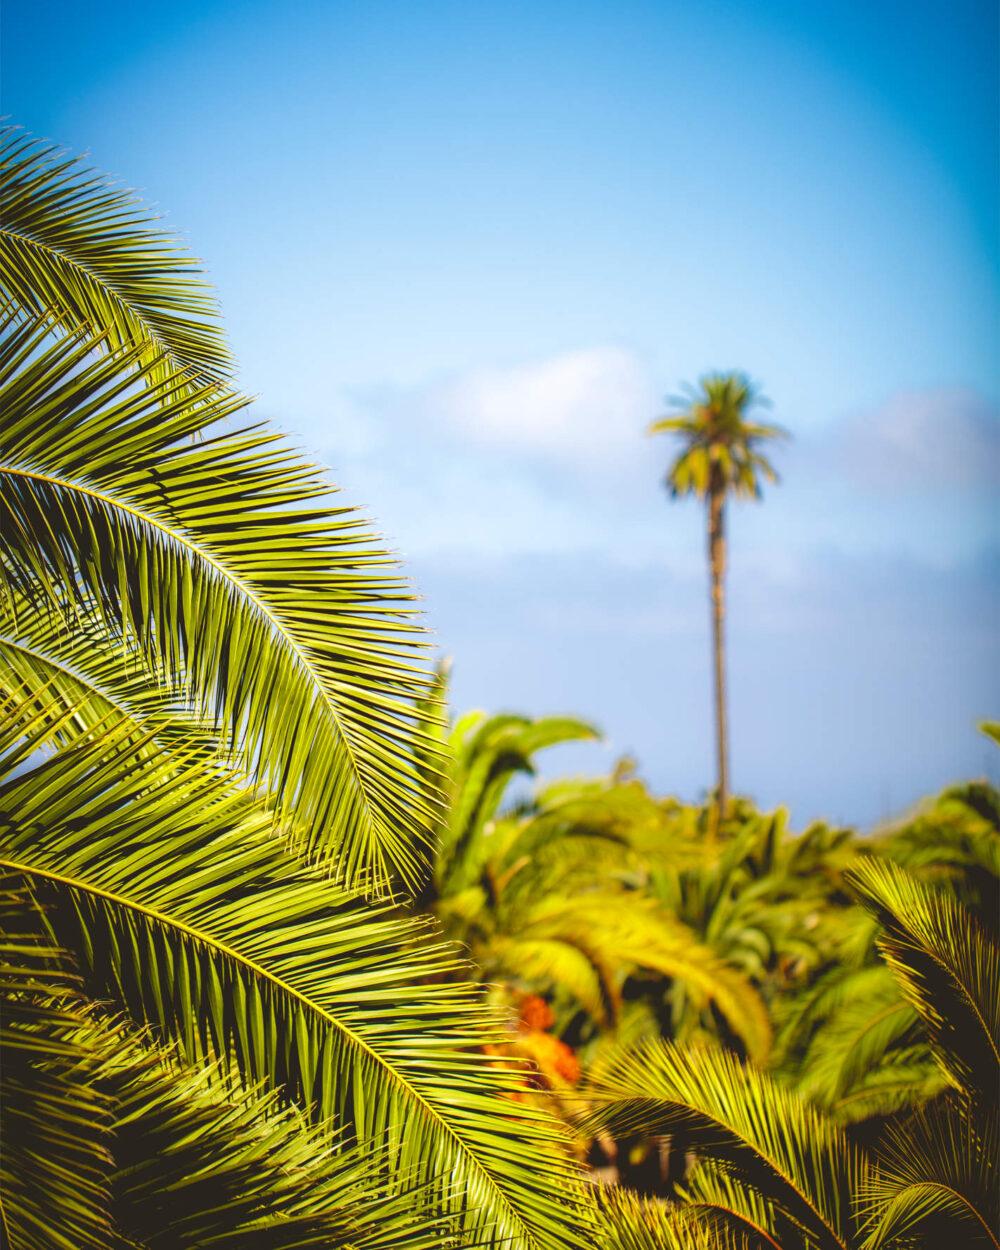 Ein Palmenwald so weit das Auge reicht, ein besonders großes Exemplar überragt alle anderen